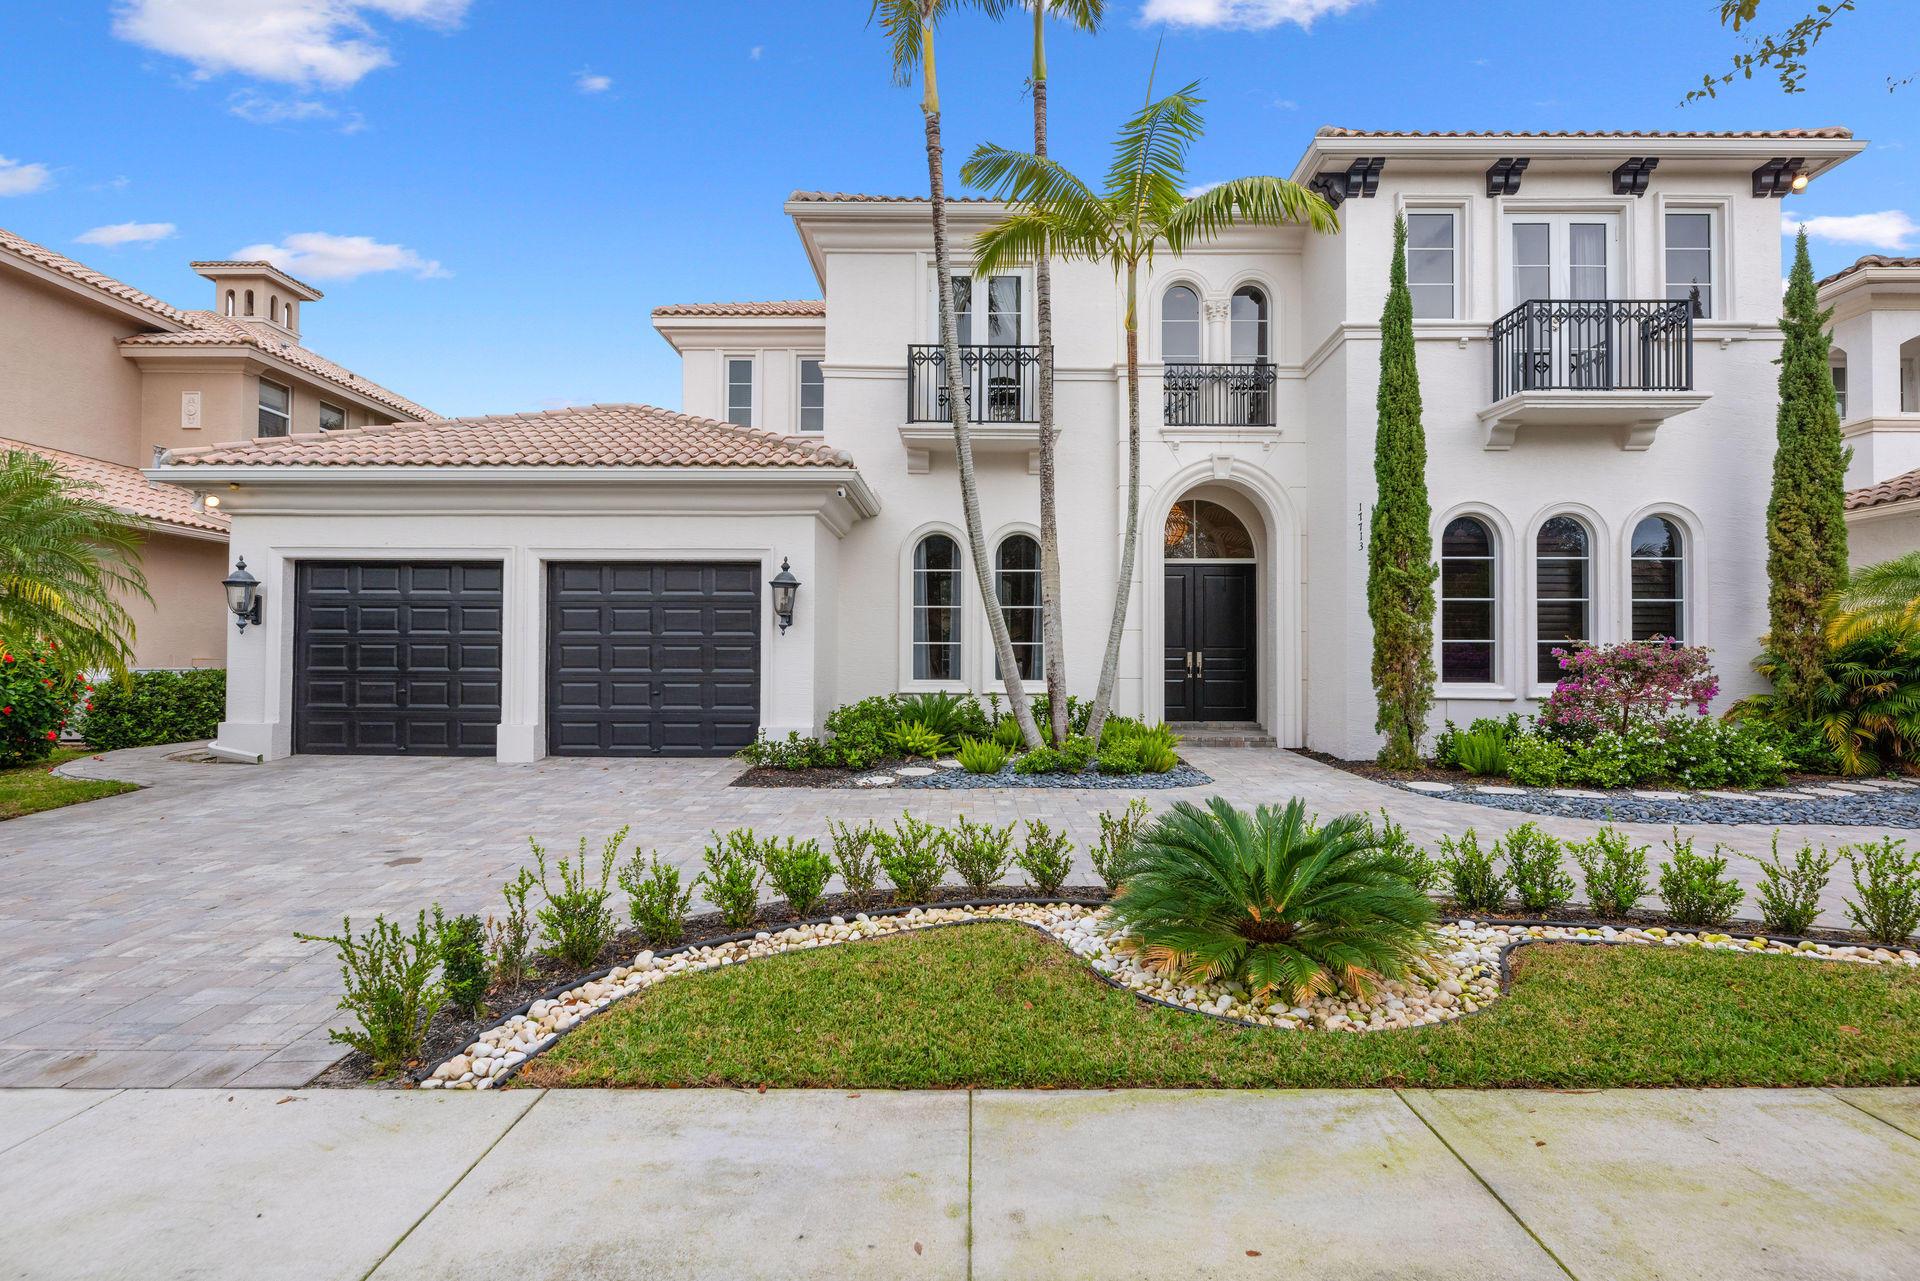 Details for 17713 Middlebrook Way, Boca Raton, FL 33496